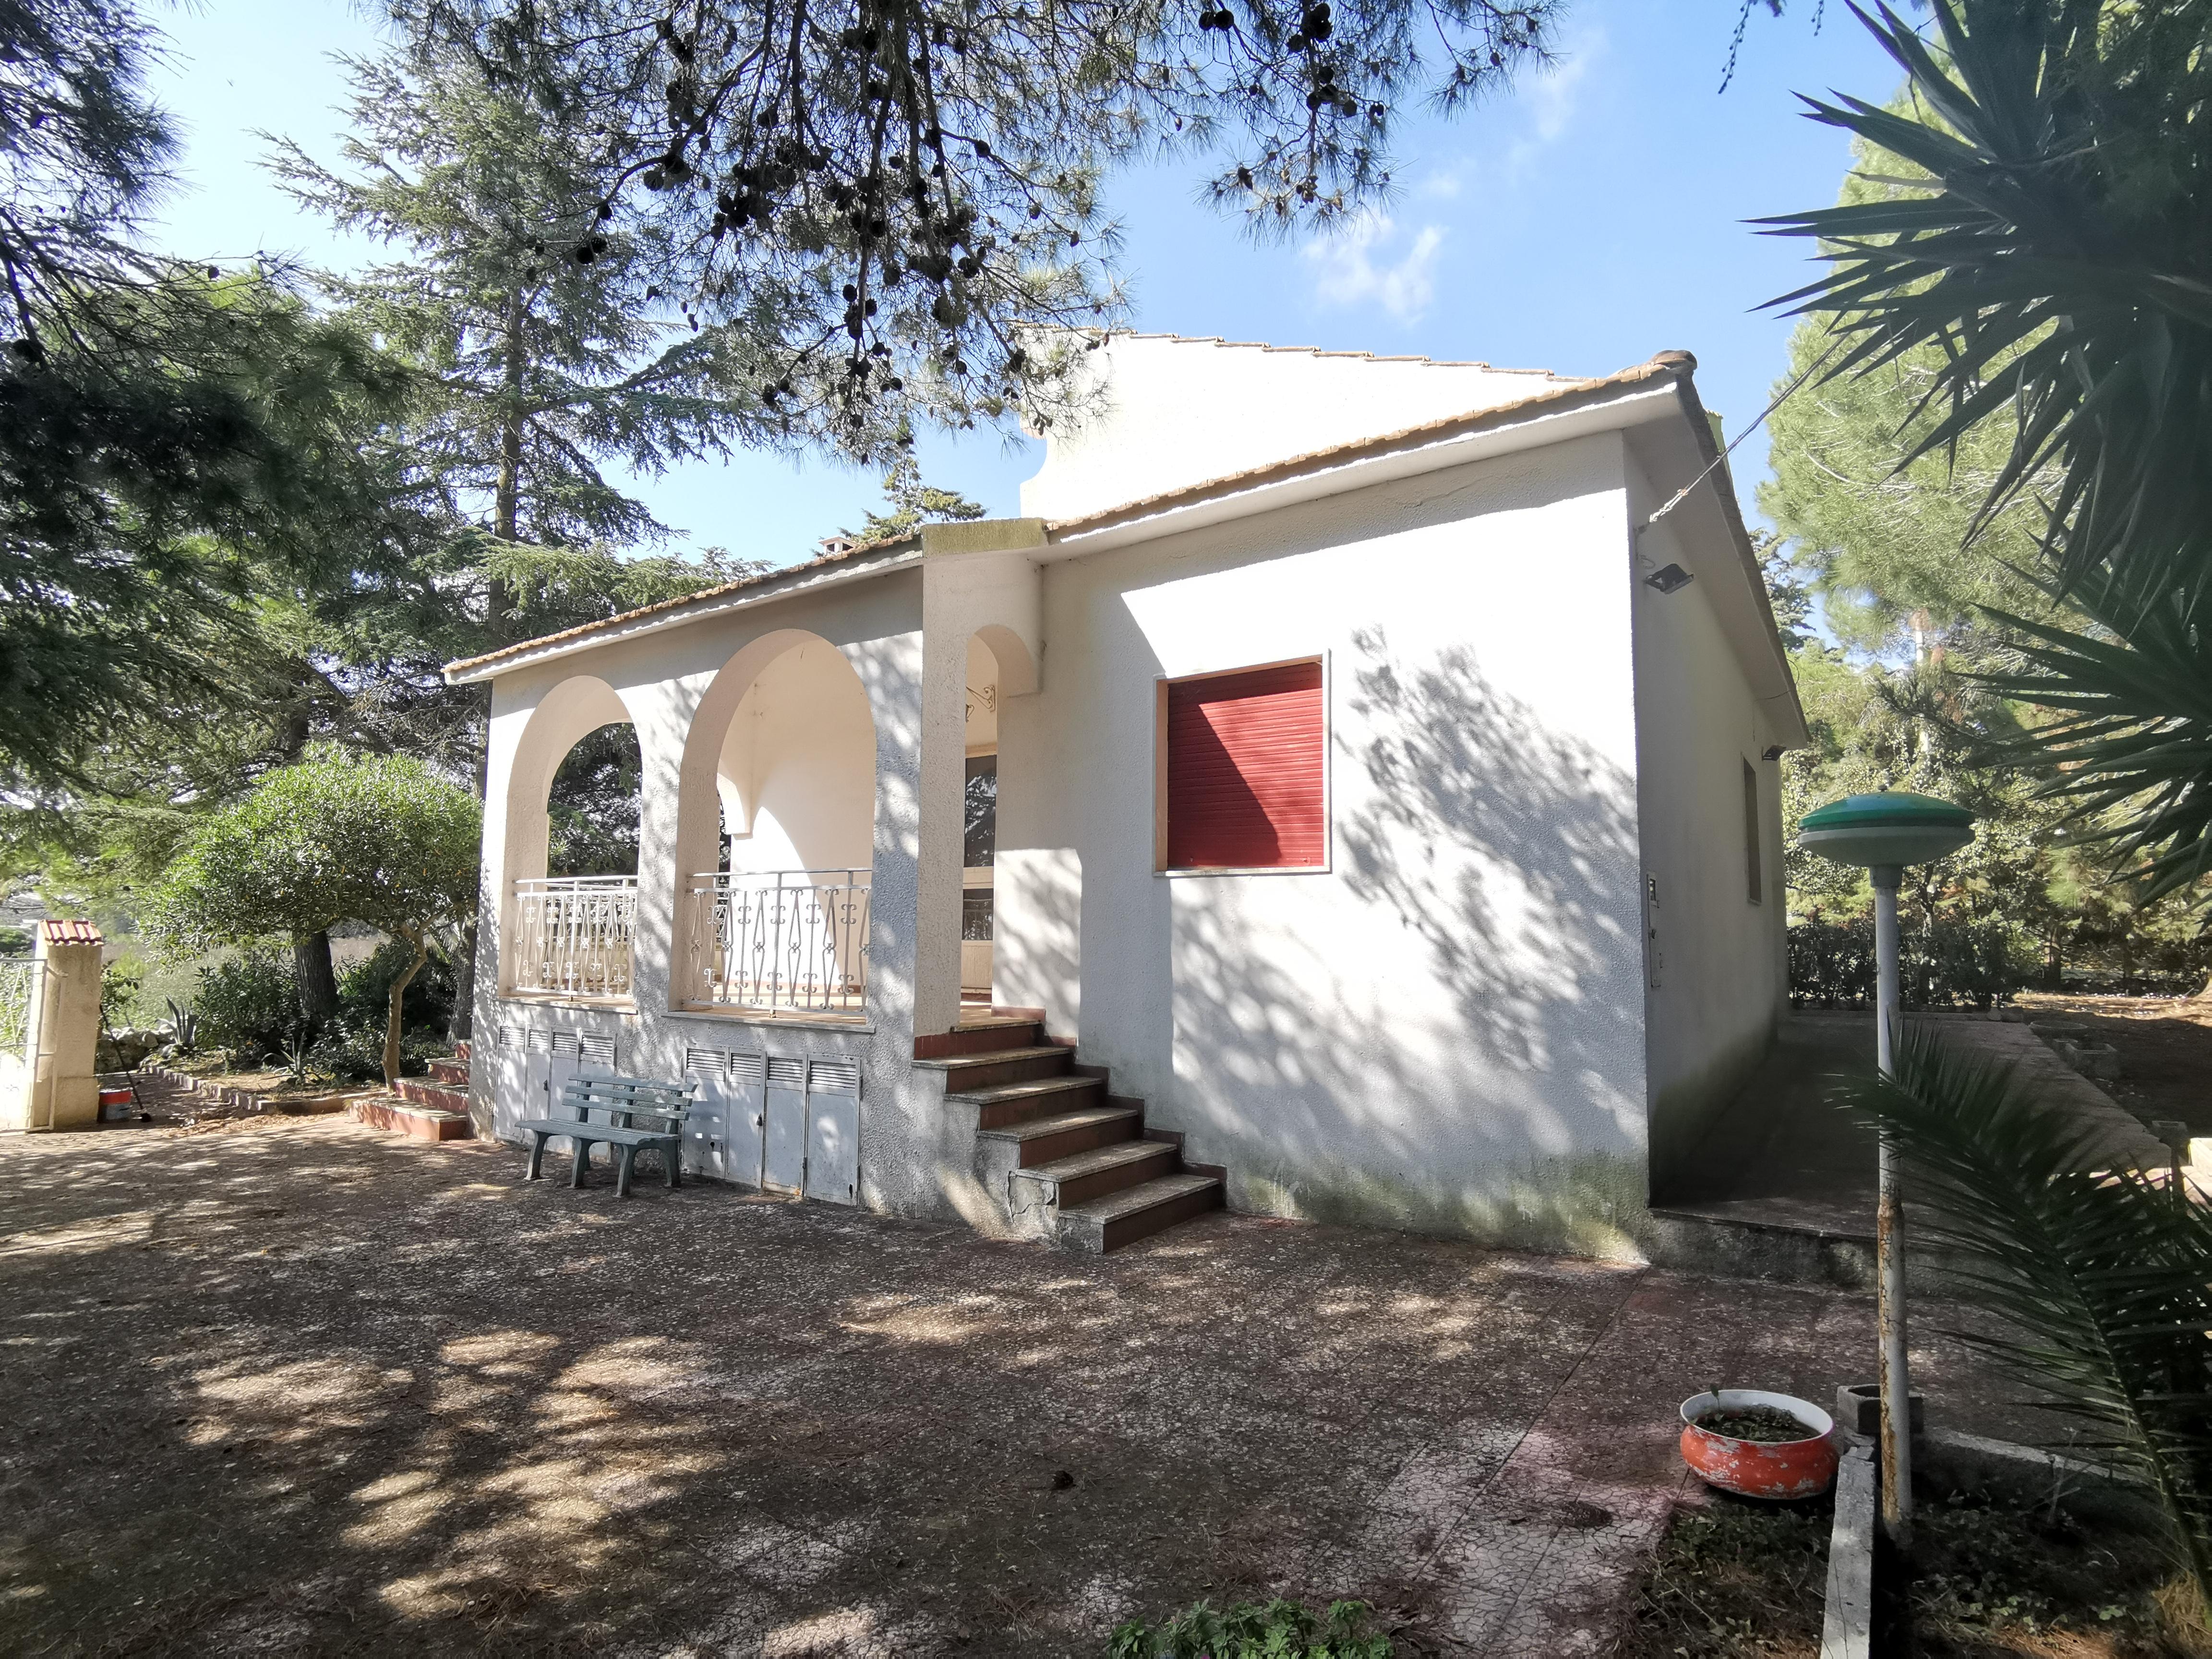 907 – Villa – C.da Gianfelice – Martina Franca